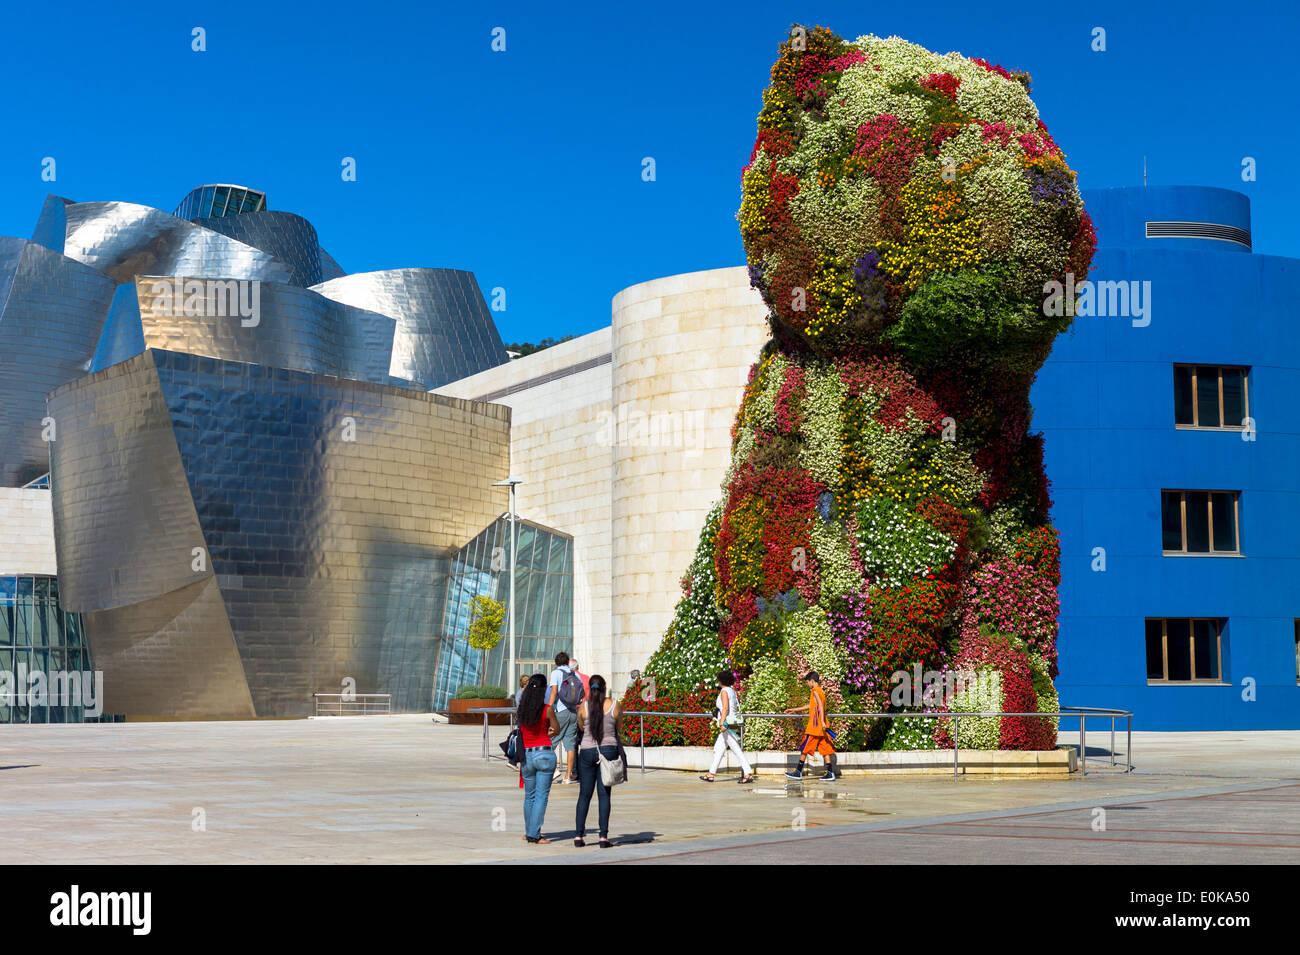 Touristen sehen Welpen Blume Feature Blumenkunst von Jeff Koons im Guggenheim Museum in Bilbao, Baskenland, Spanien Stockfoto